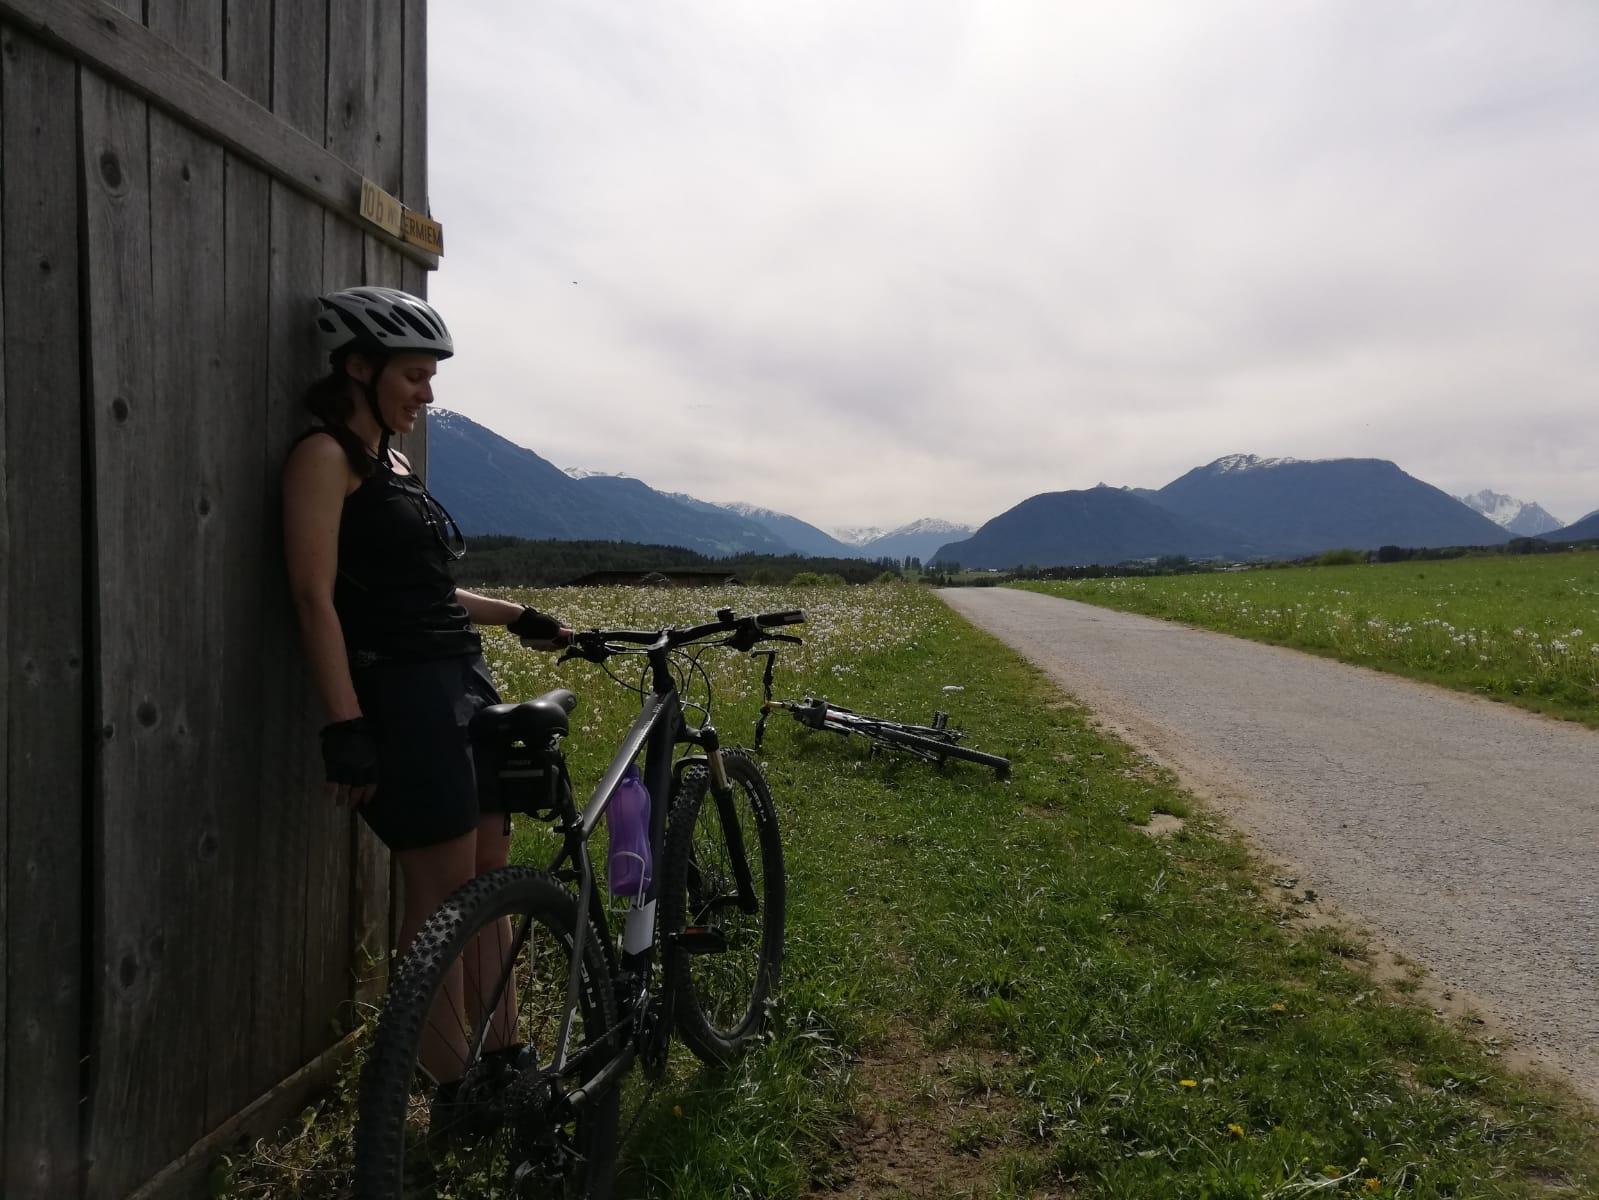 Petra Bučková na jednom z četných výletů v Tyrolsku, kde žije její přítel. Foto: archiv Petry Bučkové (3x)